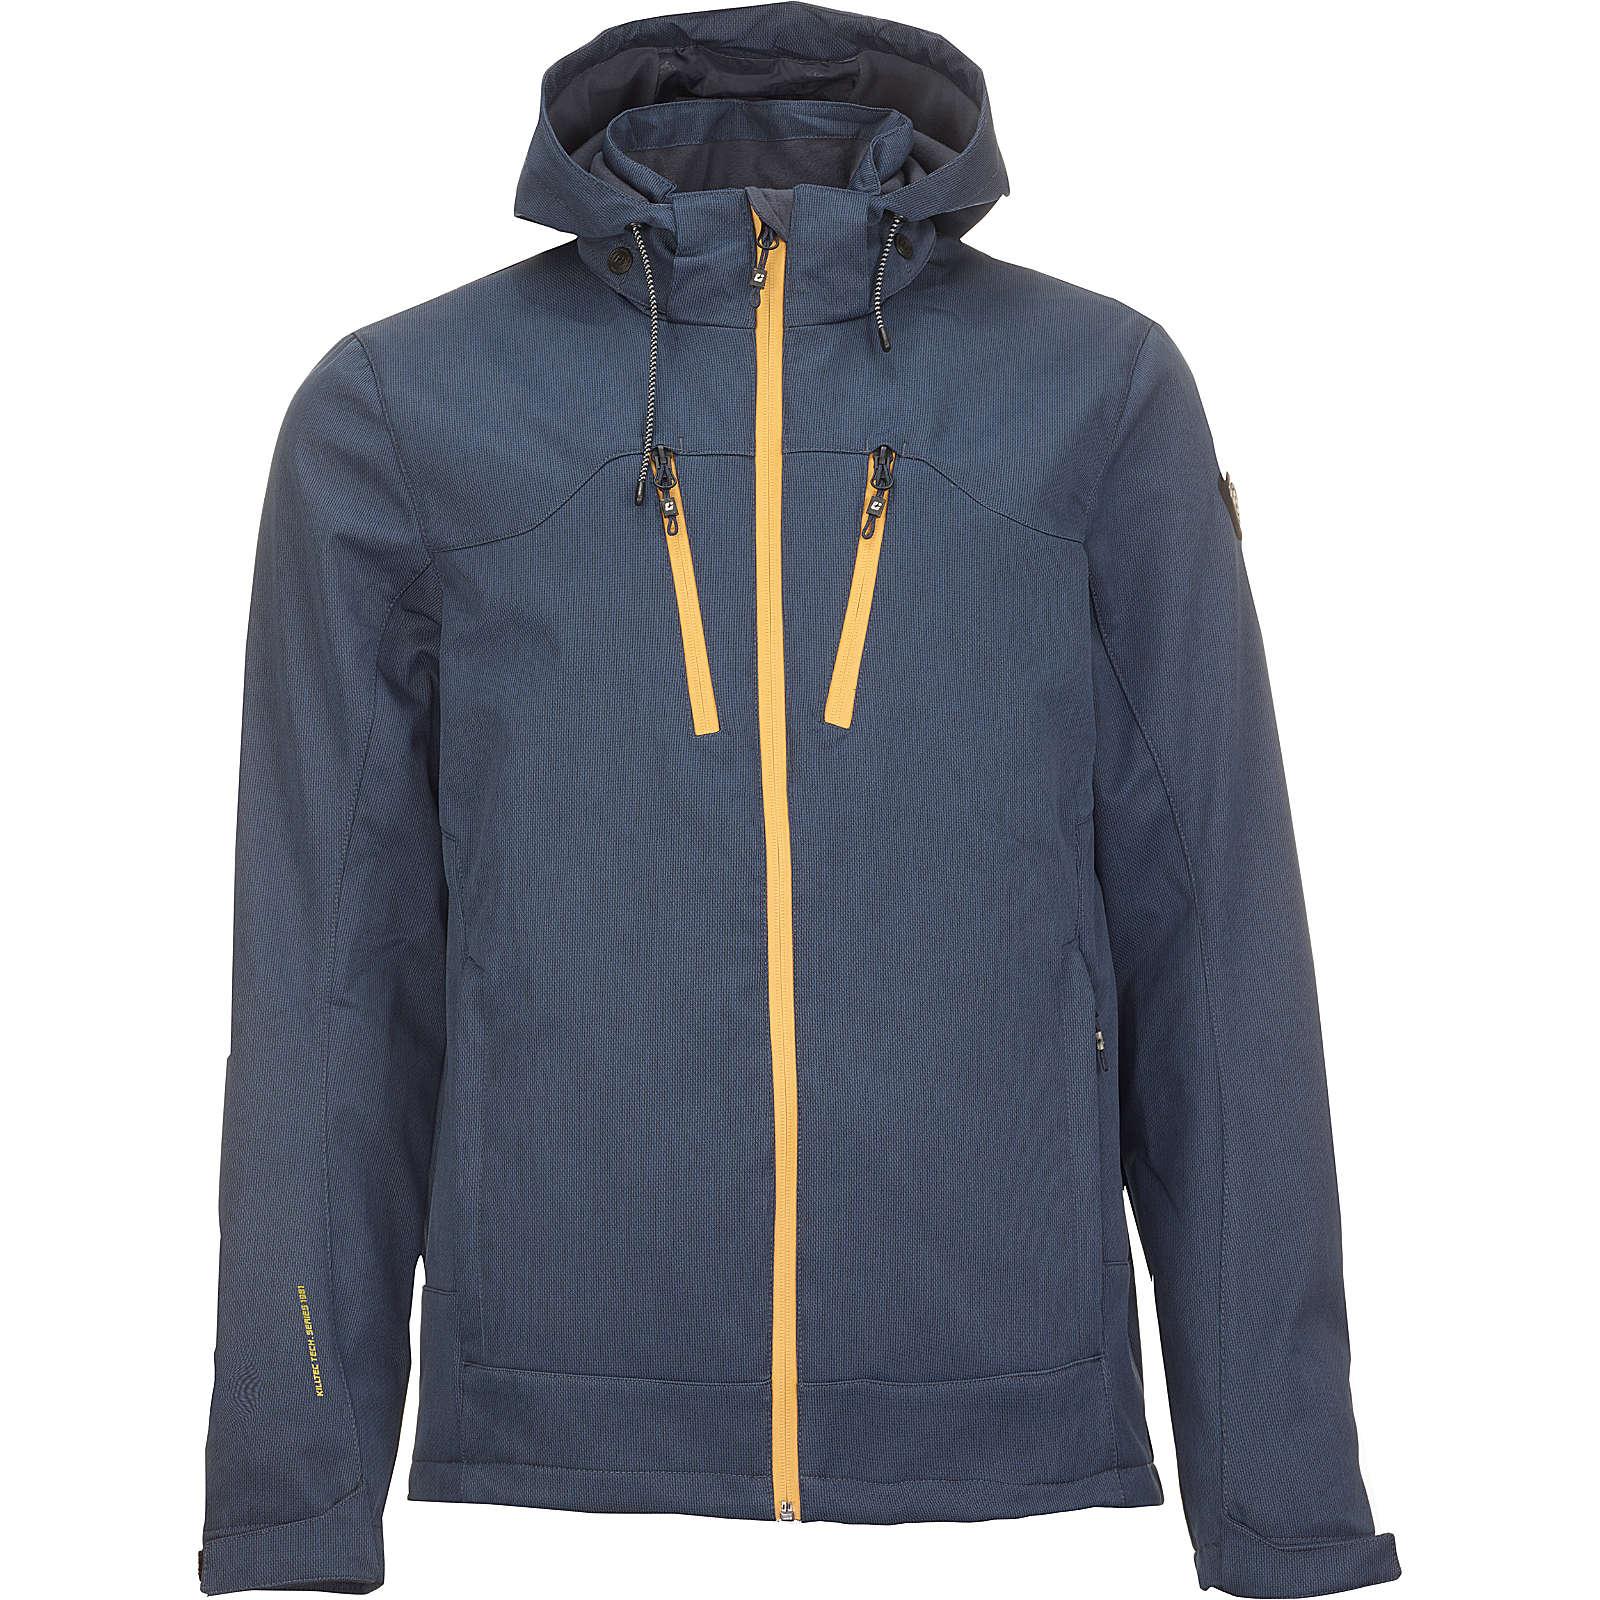 Rabatt-Preisvergleich.de - Bekleidung   Jacken   Softshelljacken 97c4b419c4